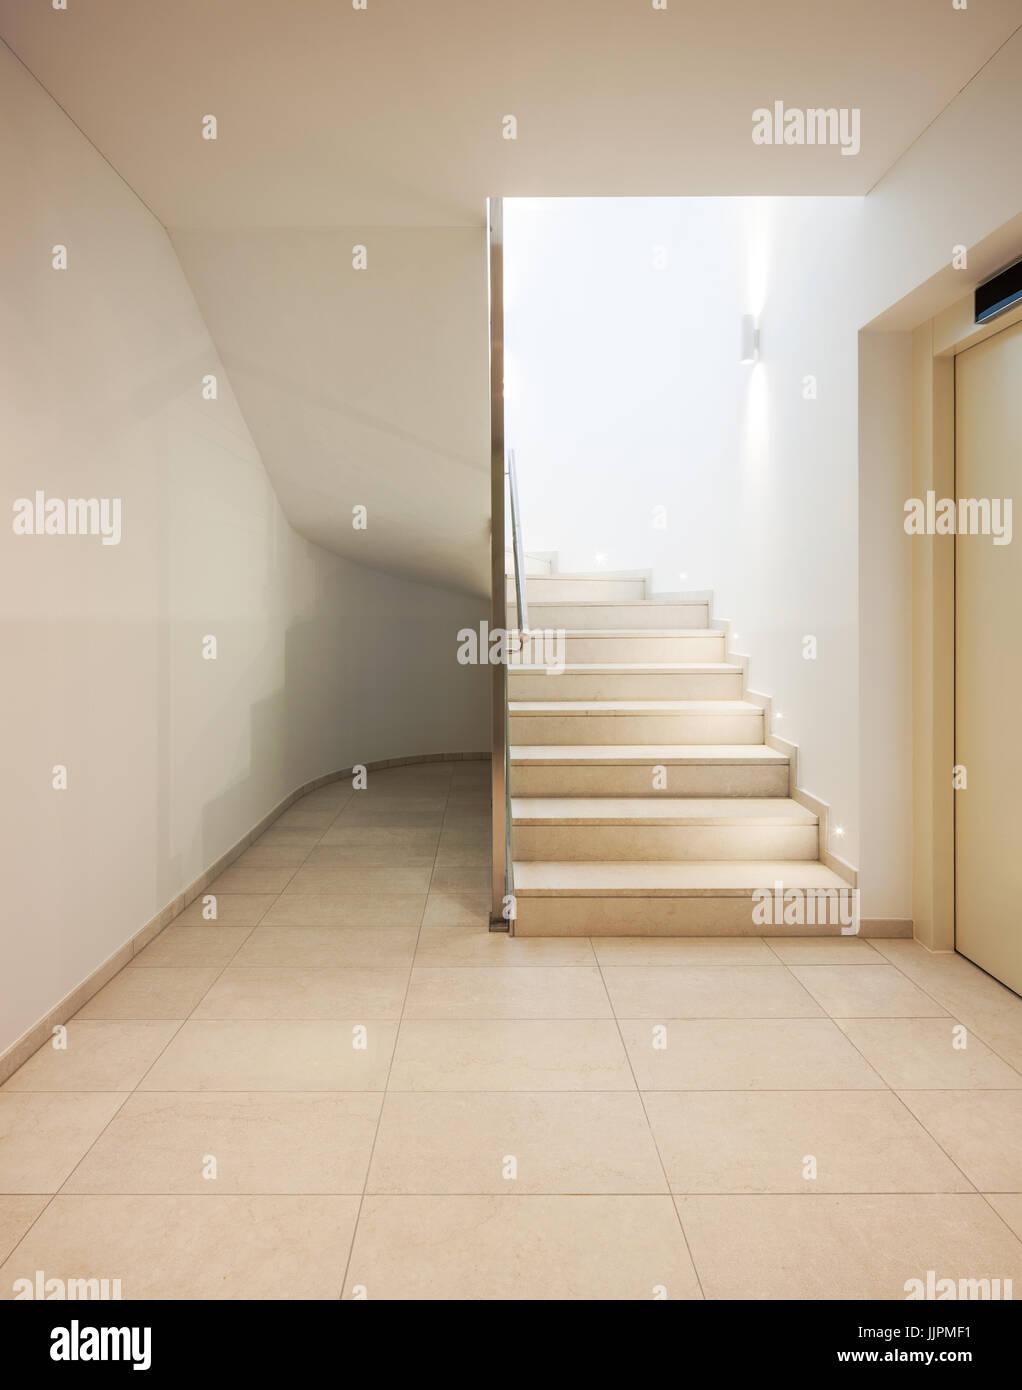 Treppe In Einer Modernen Wohnung Stockfoto Bild 149245797